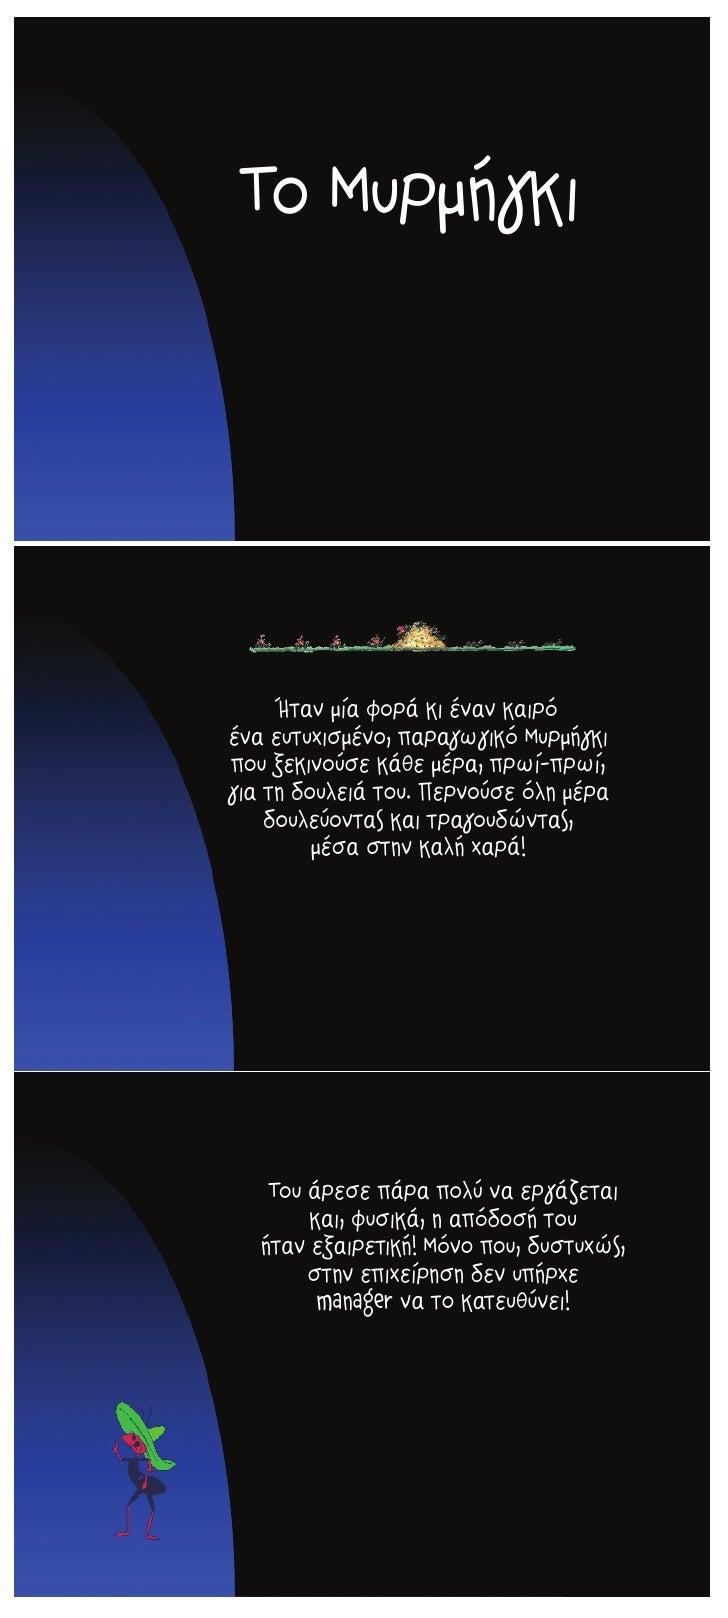 ΔÔ ª˘ÚÌ‹ÁÎÈ          ◊Ù·Ó Ì›· ÊÔÚ¿ ÎÈ ¤Ó·Ó ηÈÚfi ¤Ó· Â˘Ù˘¯ÈṲ̂ÓÔ, ·Ú·ÁˆÁÈÎfi ª˘ÚÌ‹ÁÎÈ Ô˘ ÍÂÎÈÓÔ‡Ûοı̤ڷ, Úˆ›-Úˆ›, ...